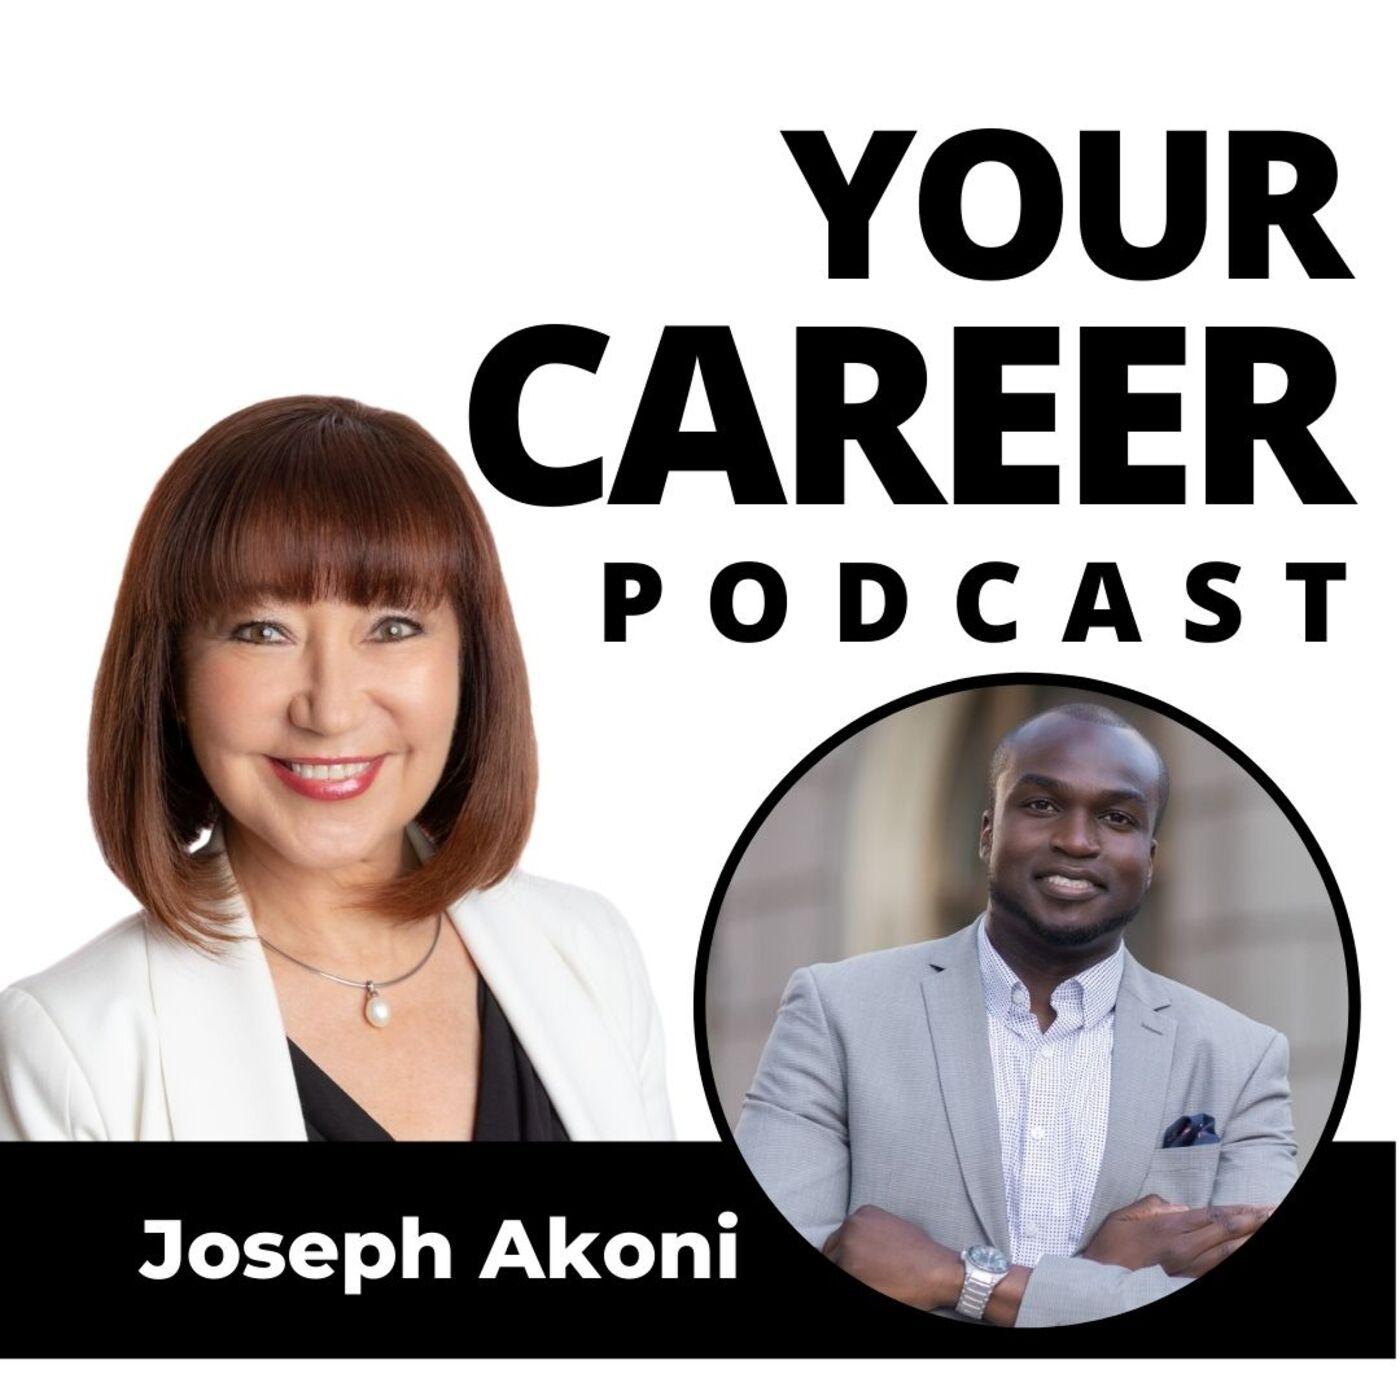 Joseph Akoni - LinkedIn Product Manager - Episode 199